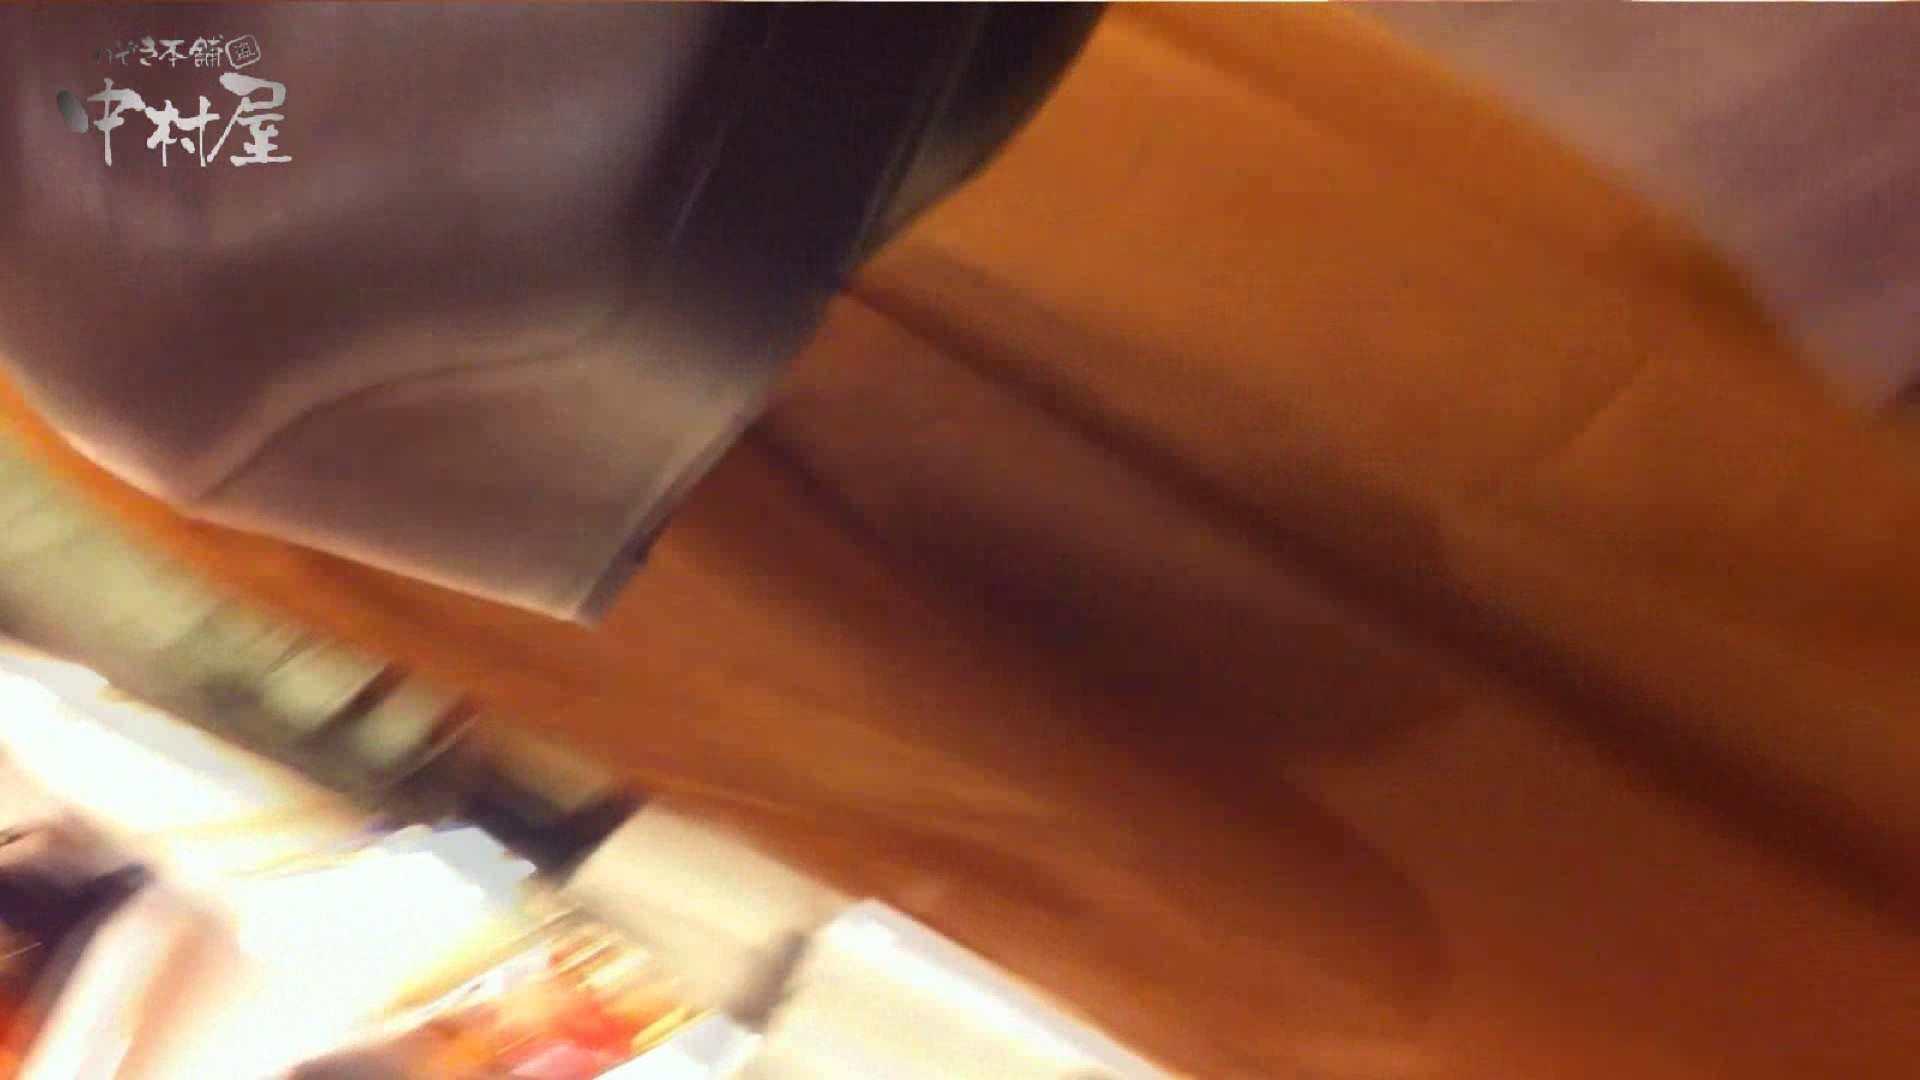 vol.84 美人アパレル胸チラ&パンチラ 帽子オネェさんに胸元アタック! 接写 | パンチラ  51PICs 21